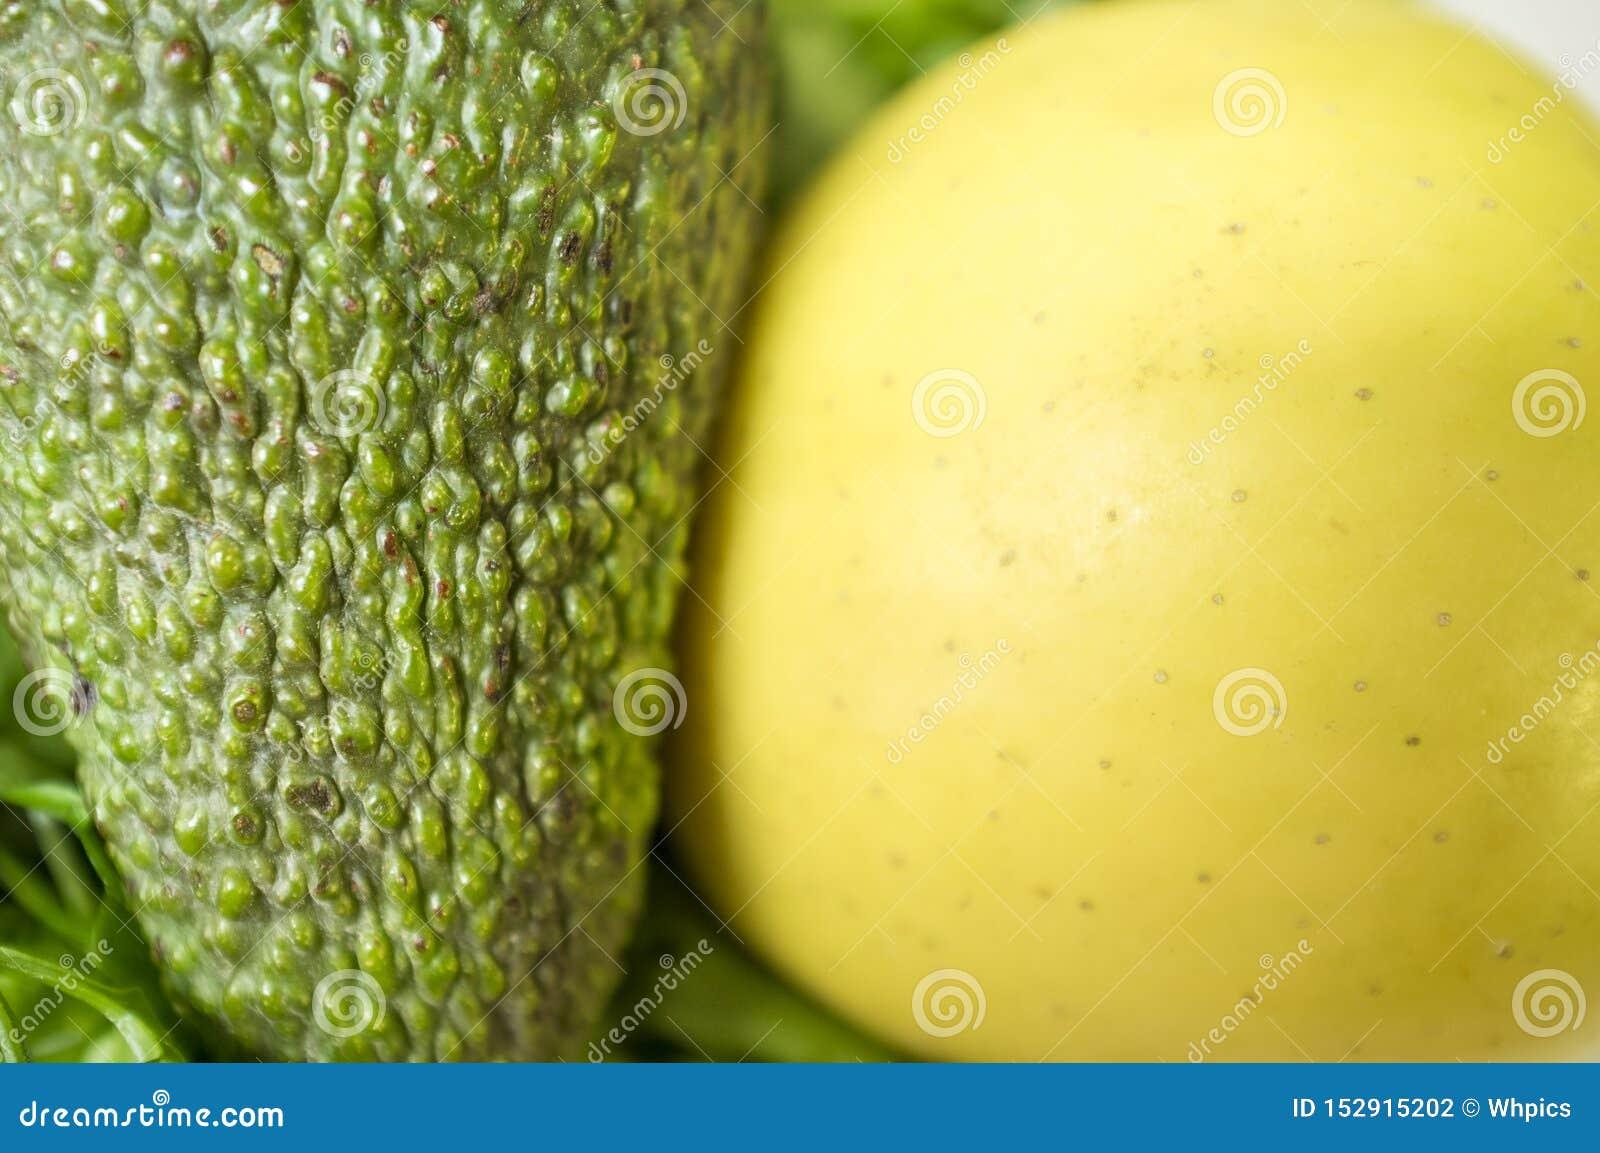 Mjuk hud av gul grov hud för äpple nästan av avocatoen över grön ny persilja